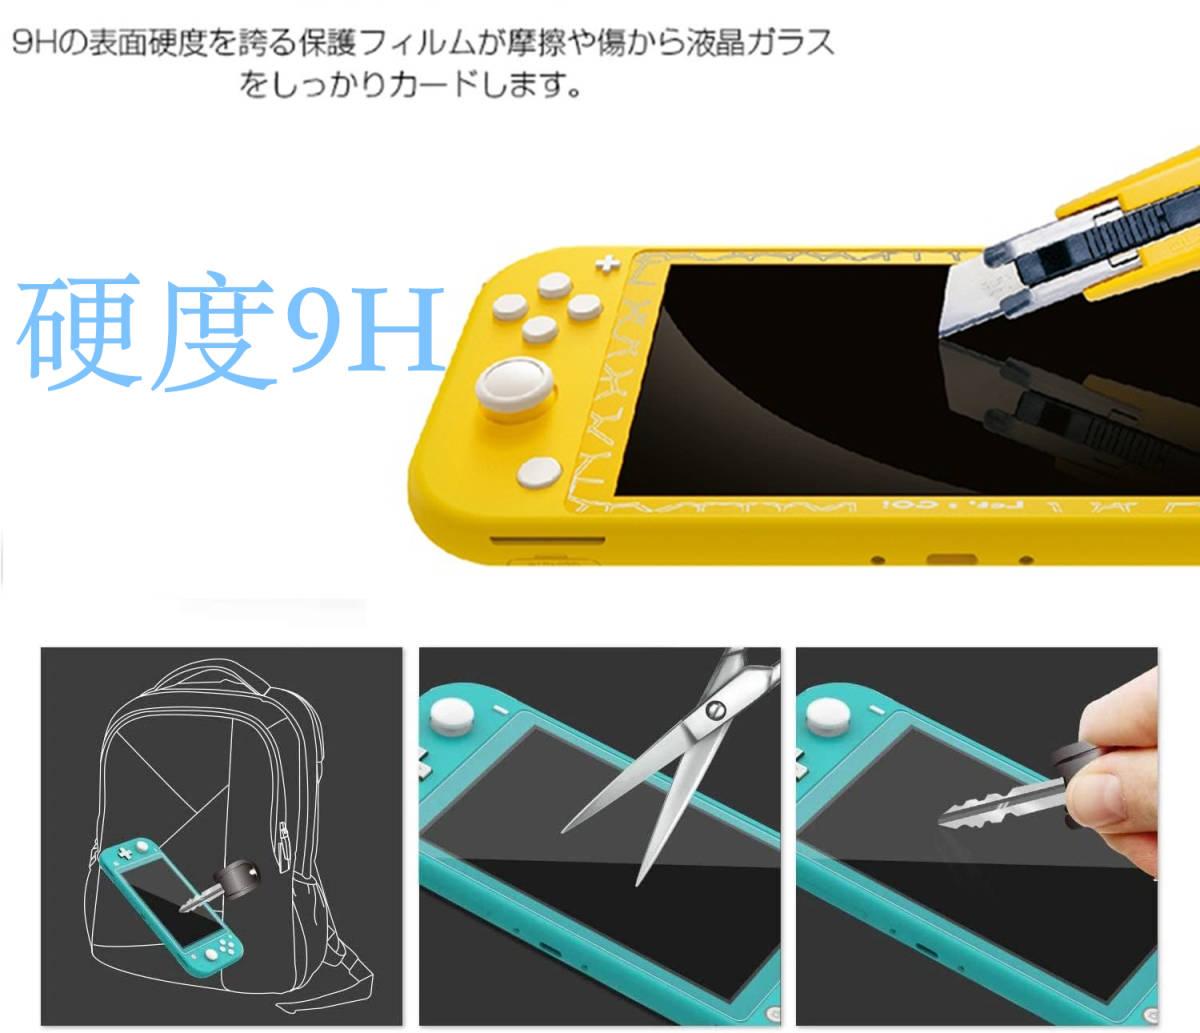 新品未使用 Nintendo Switch Lite用 ガラスフィルム 任天堂ニンテンドー スイッチ 強化ガラス 保護フィルム 硬度 9H ブルーライトカット_画像3